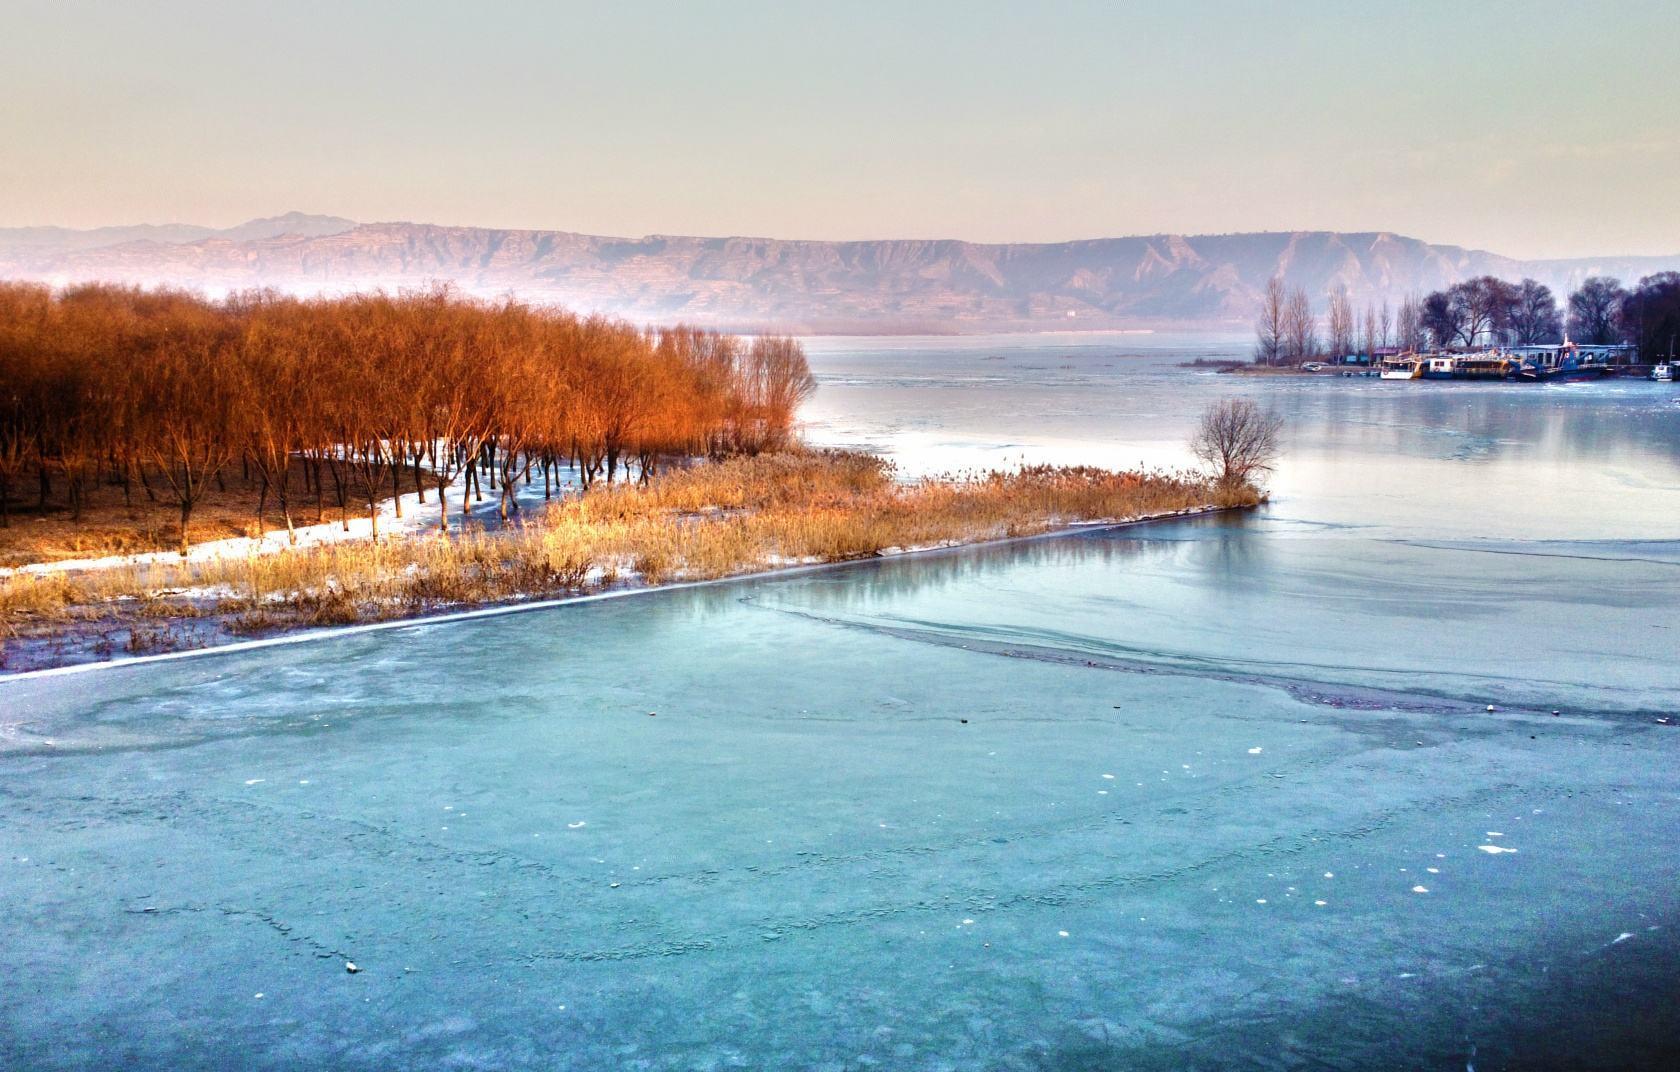 关于黄河岸边的散文欣赏